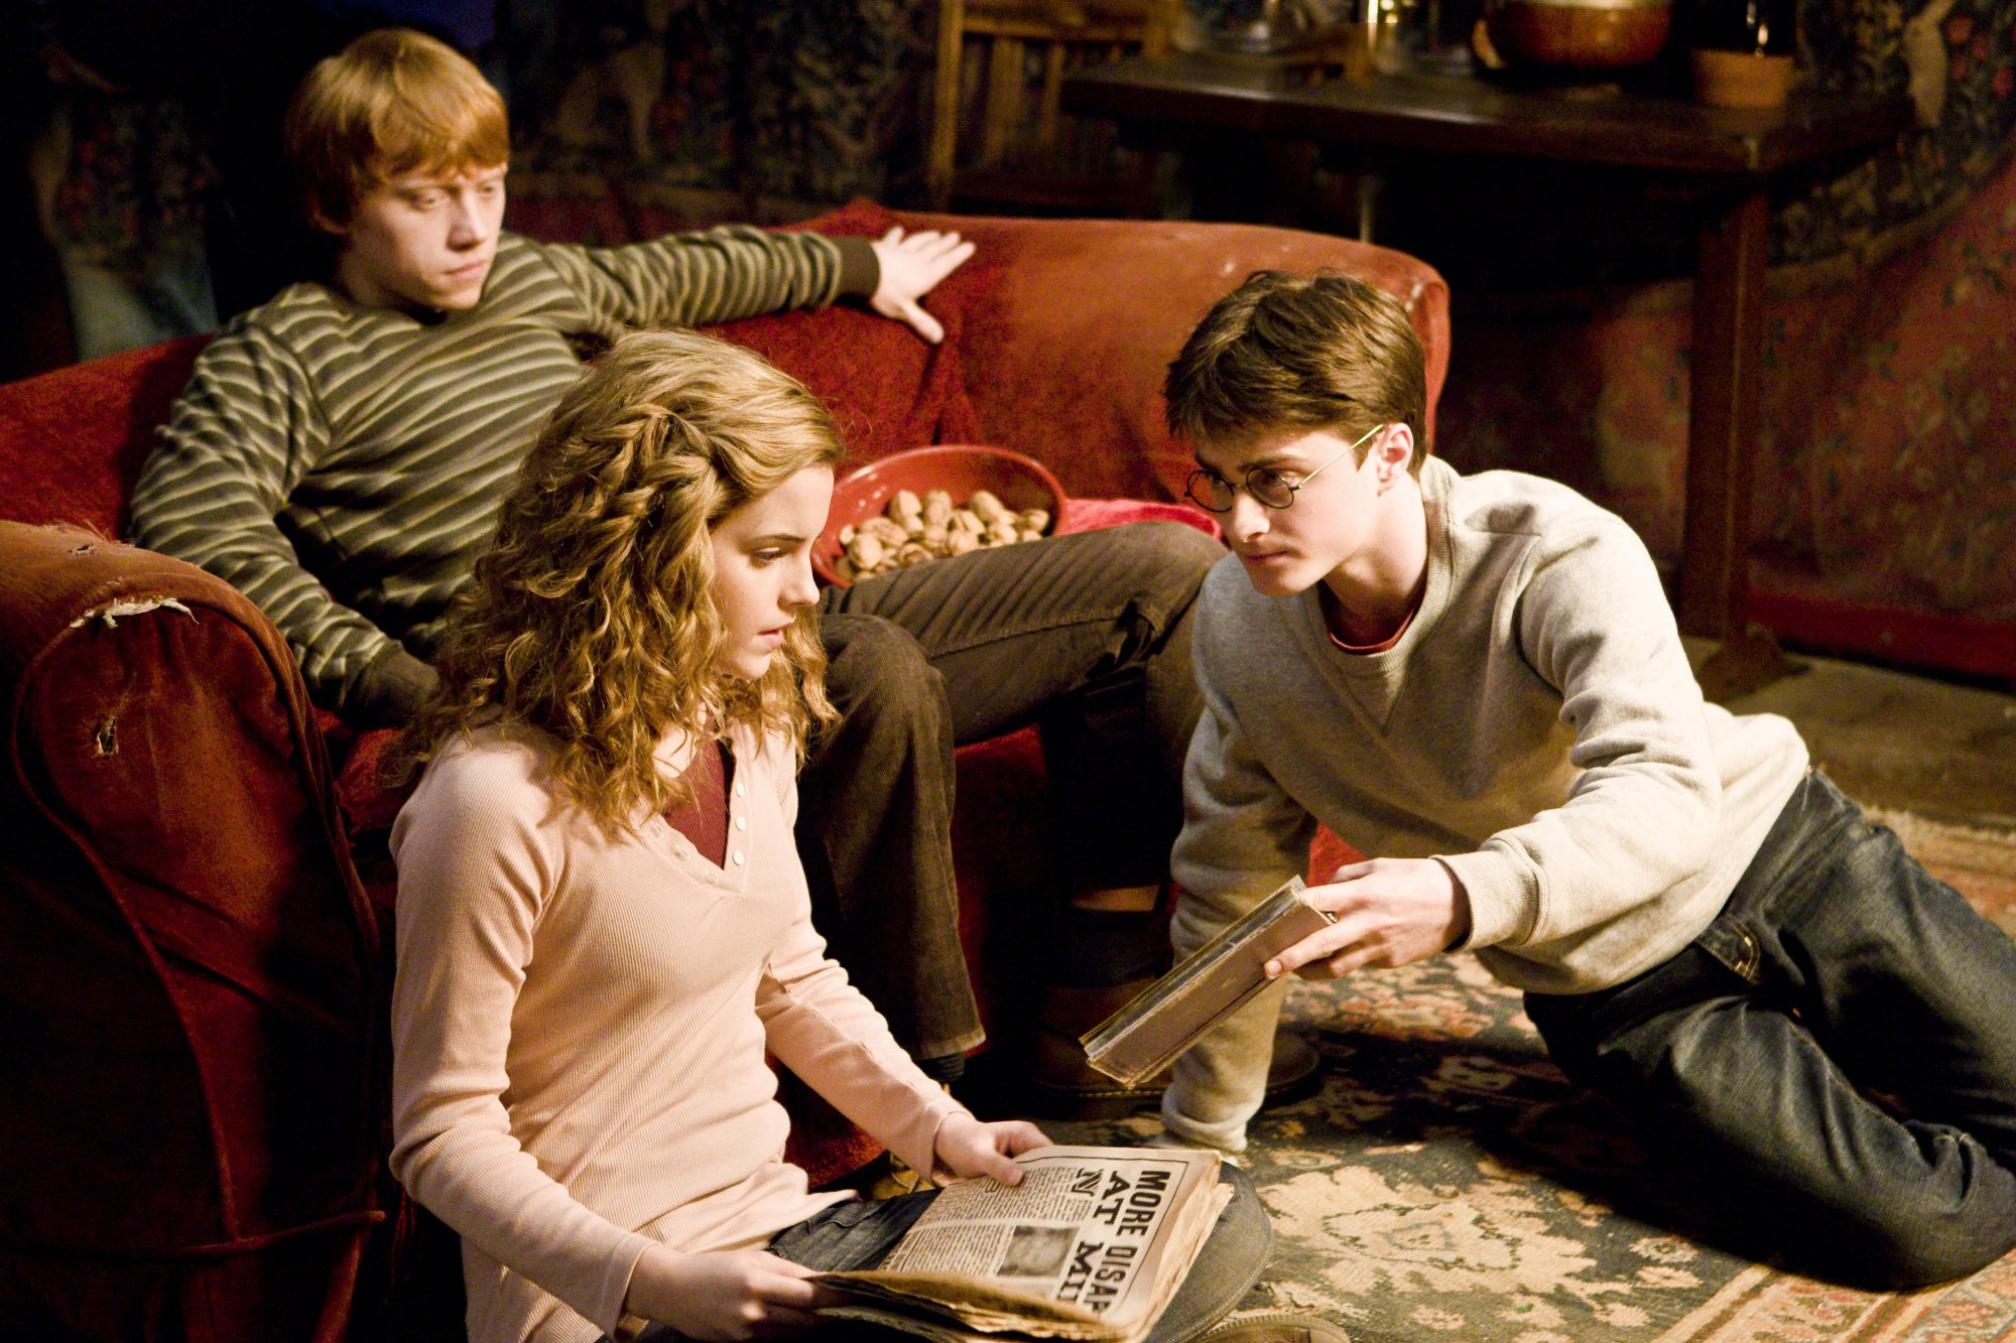 哈利波特:混血王子的背叛劇照 1